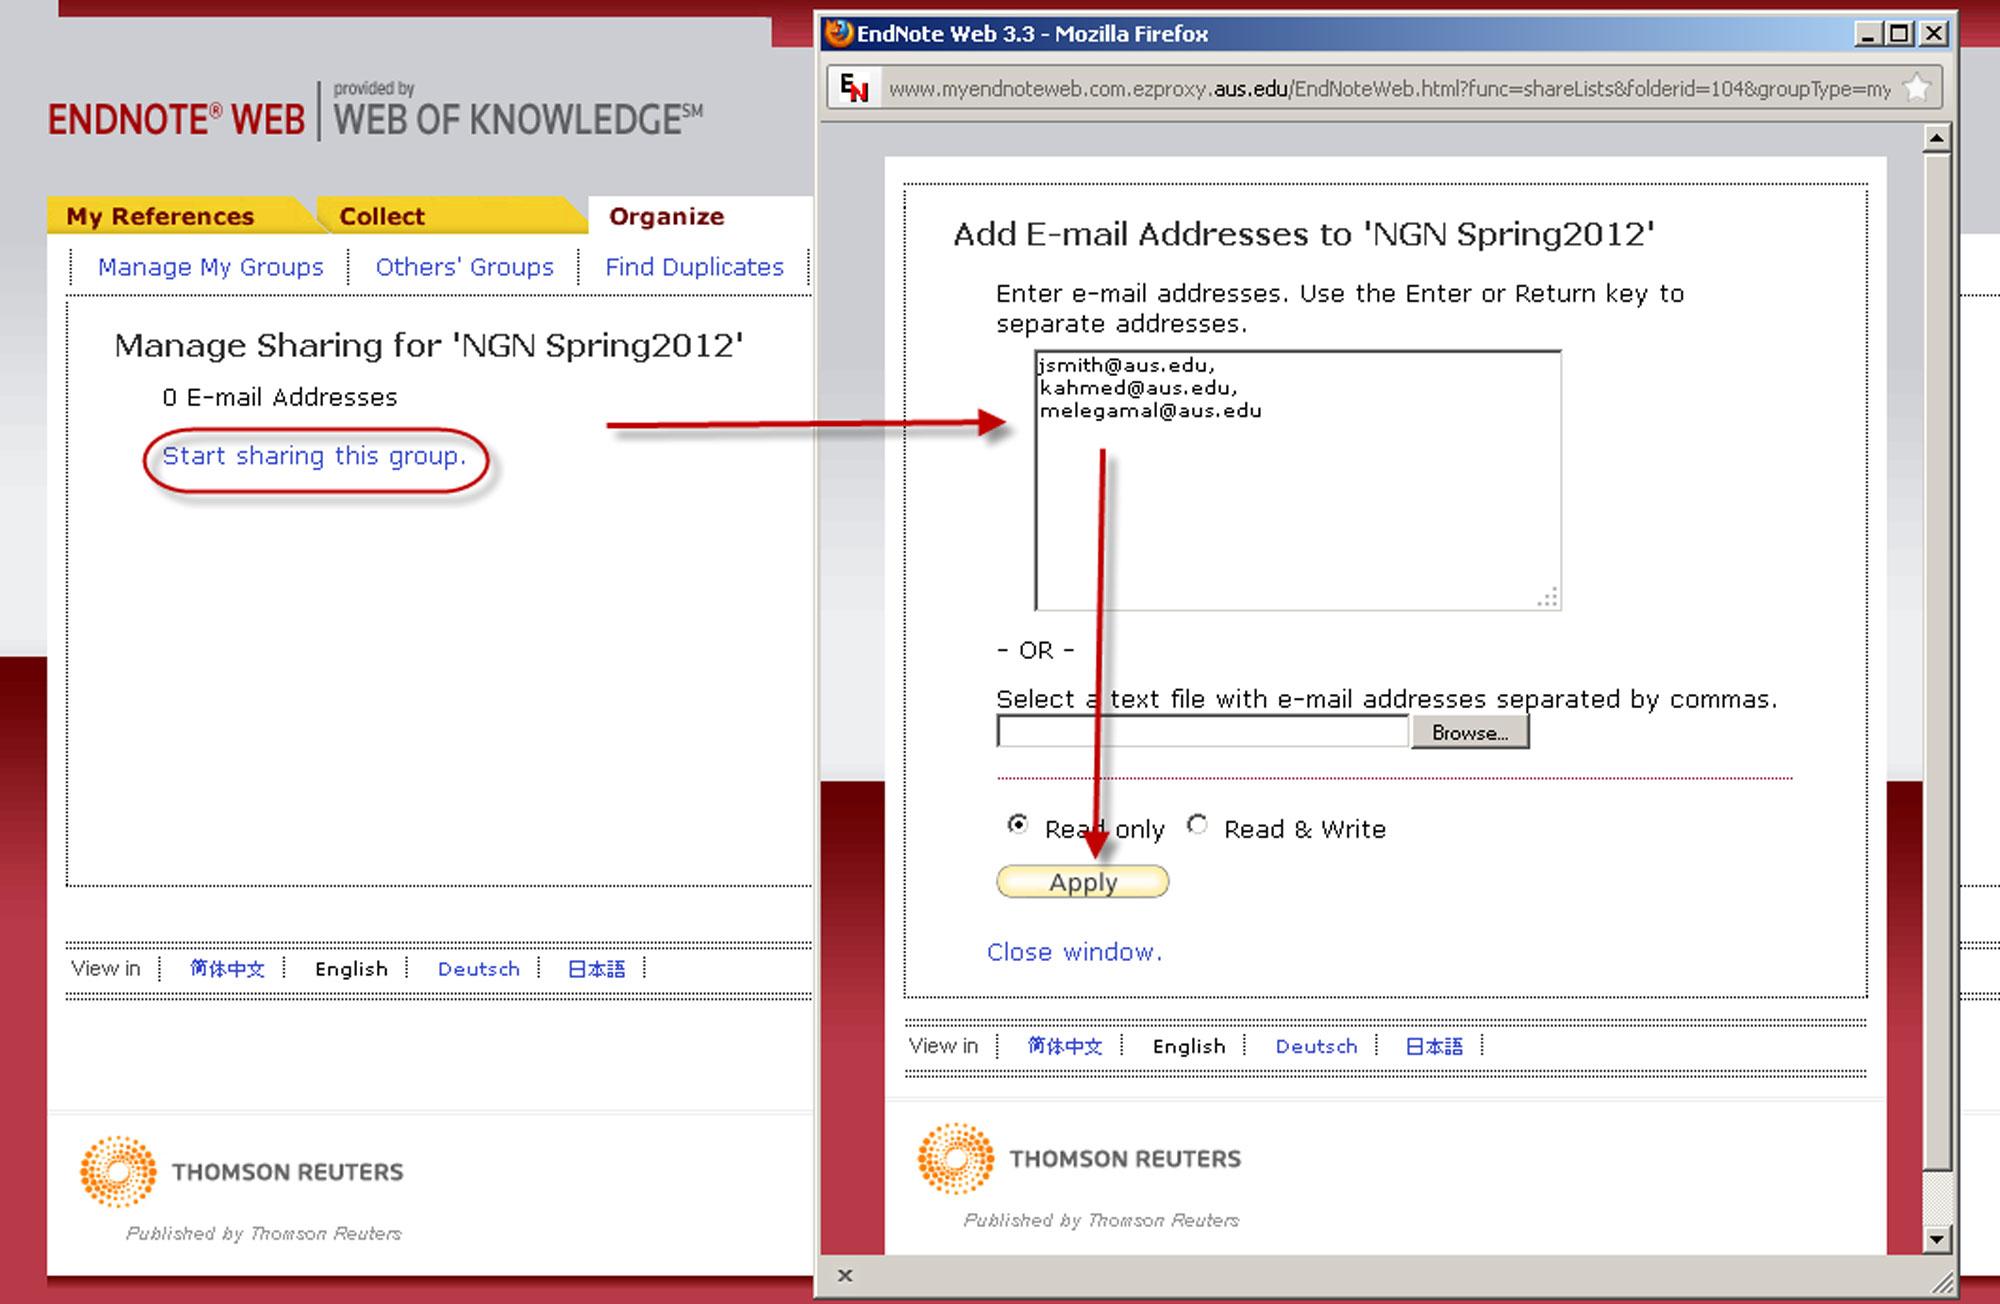 screenshot of endnote web describing start sharing link